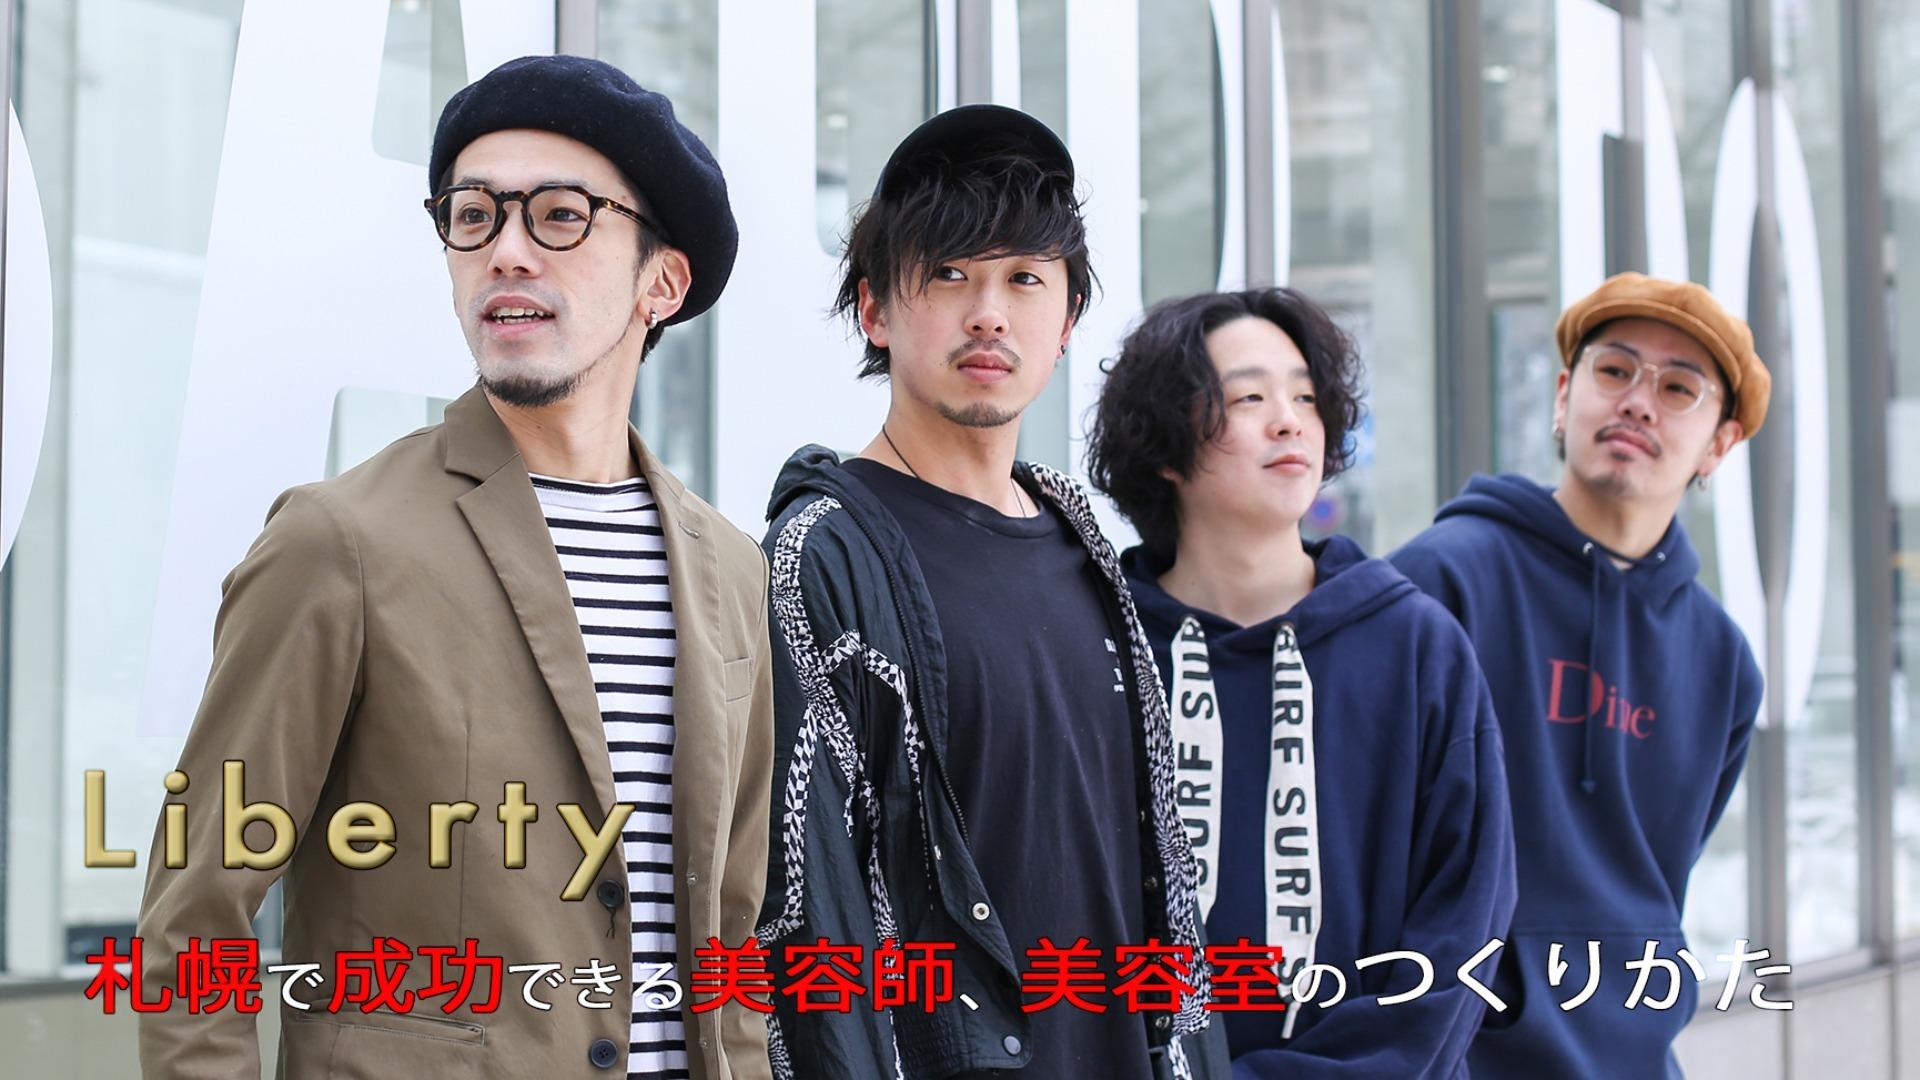 Liberty〜札幌で成功できる美容師、美容室のつくりかた